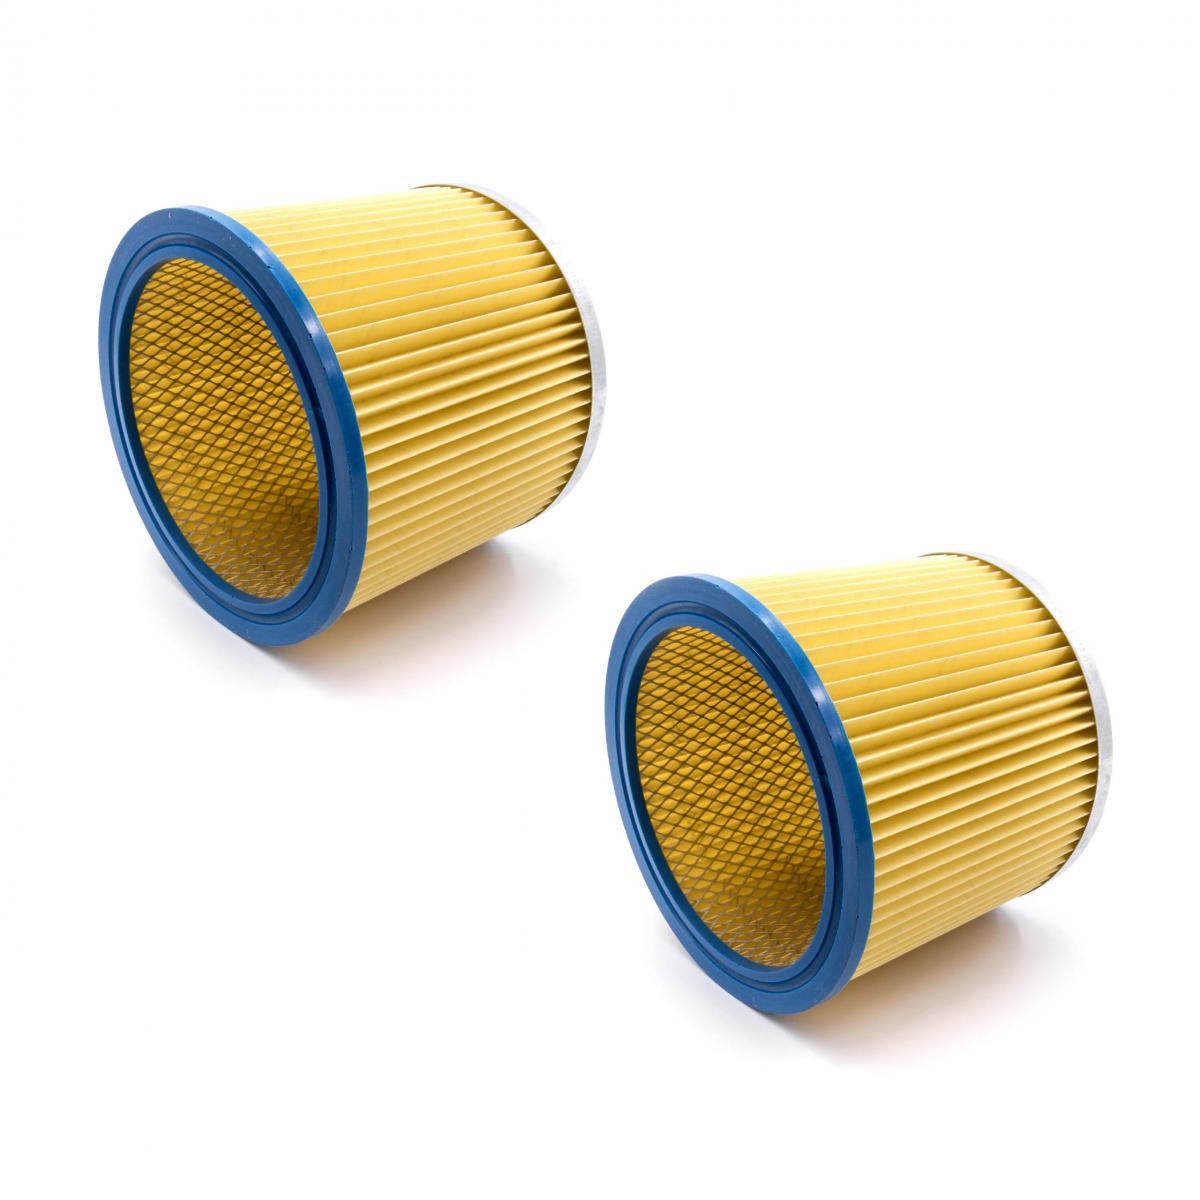 Vhbw vhbw 2x Filtre rond / filtre en lamelles pour aspirateur, robot, aspirateur multifonctions Shop-Vac Super 615 S2, Super